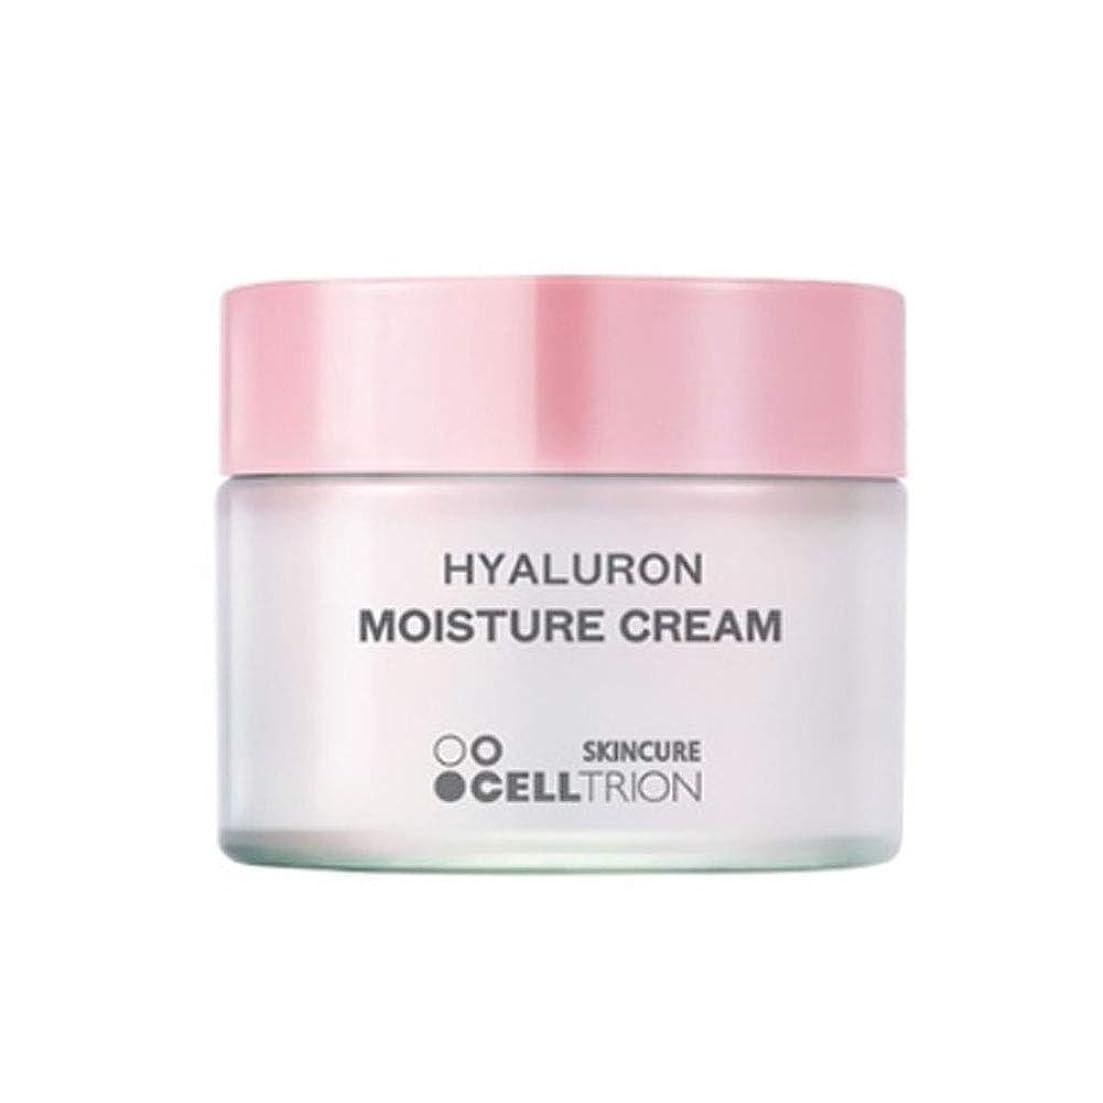 驚同化晩ごはんセルトリオンスキンキュアヒアルロンモイスチャークリーム50gしわ改善、Celltrion Skincure Hyaluron Moisture Cream 50g Anti-Wrinkle [並行輸入品]